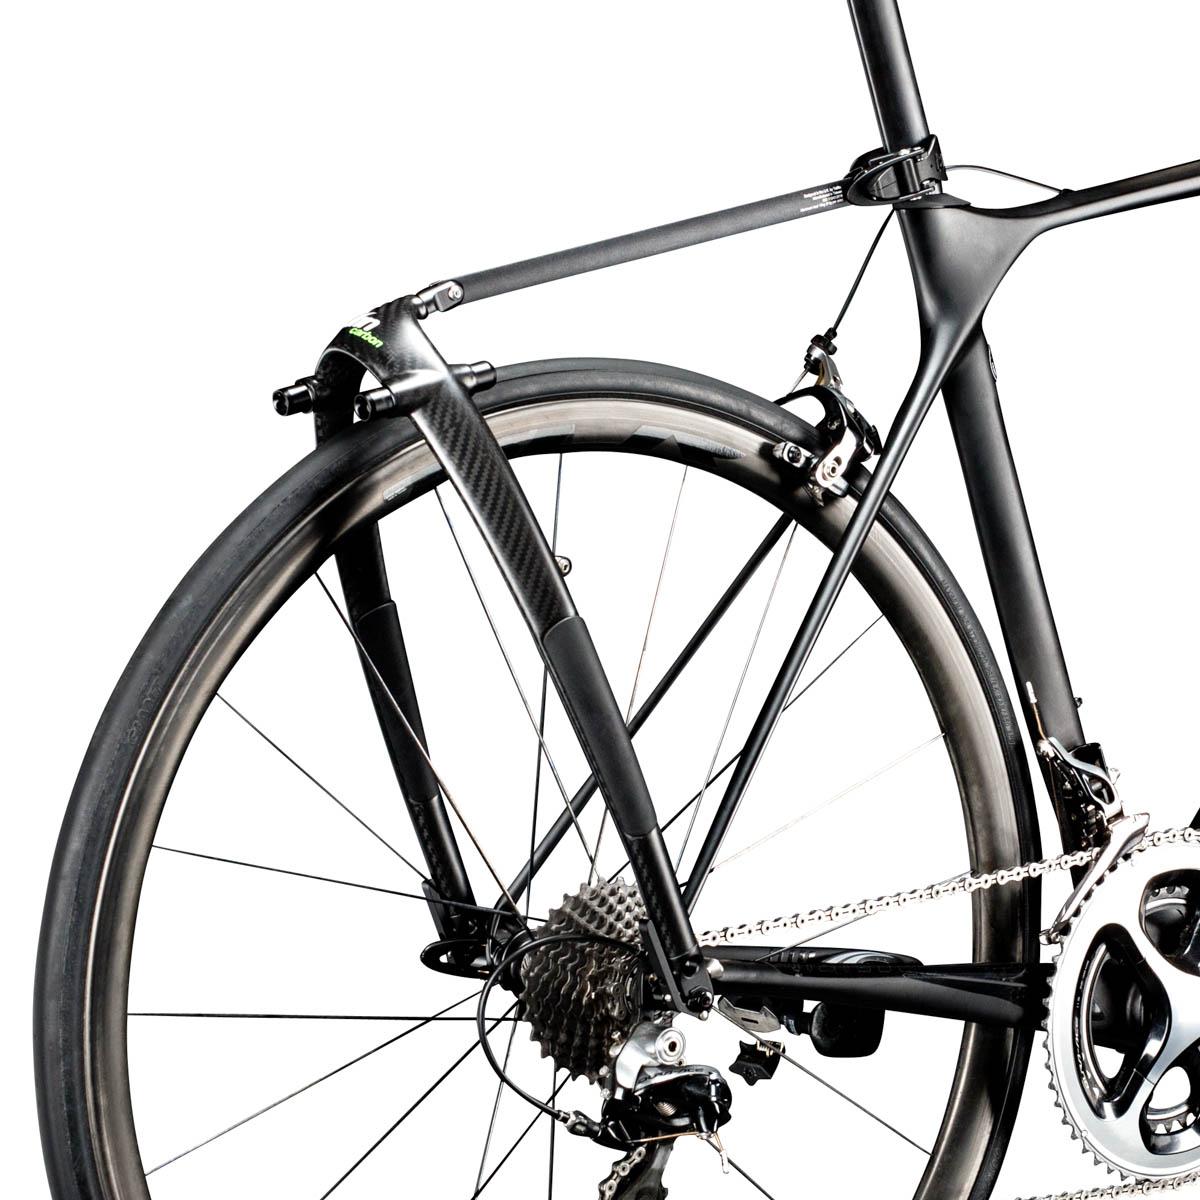 T1 Carbon Pannier Rack